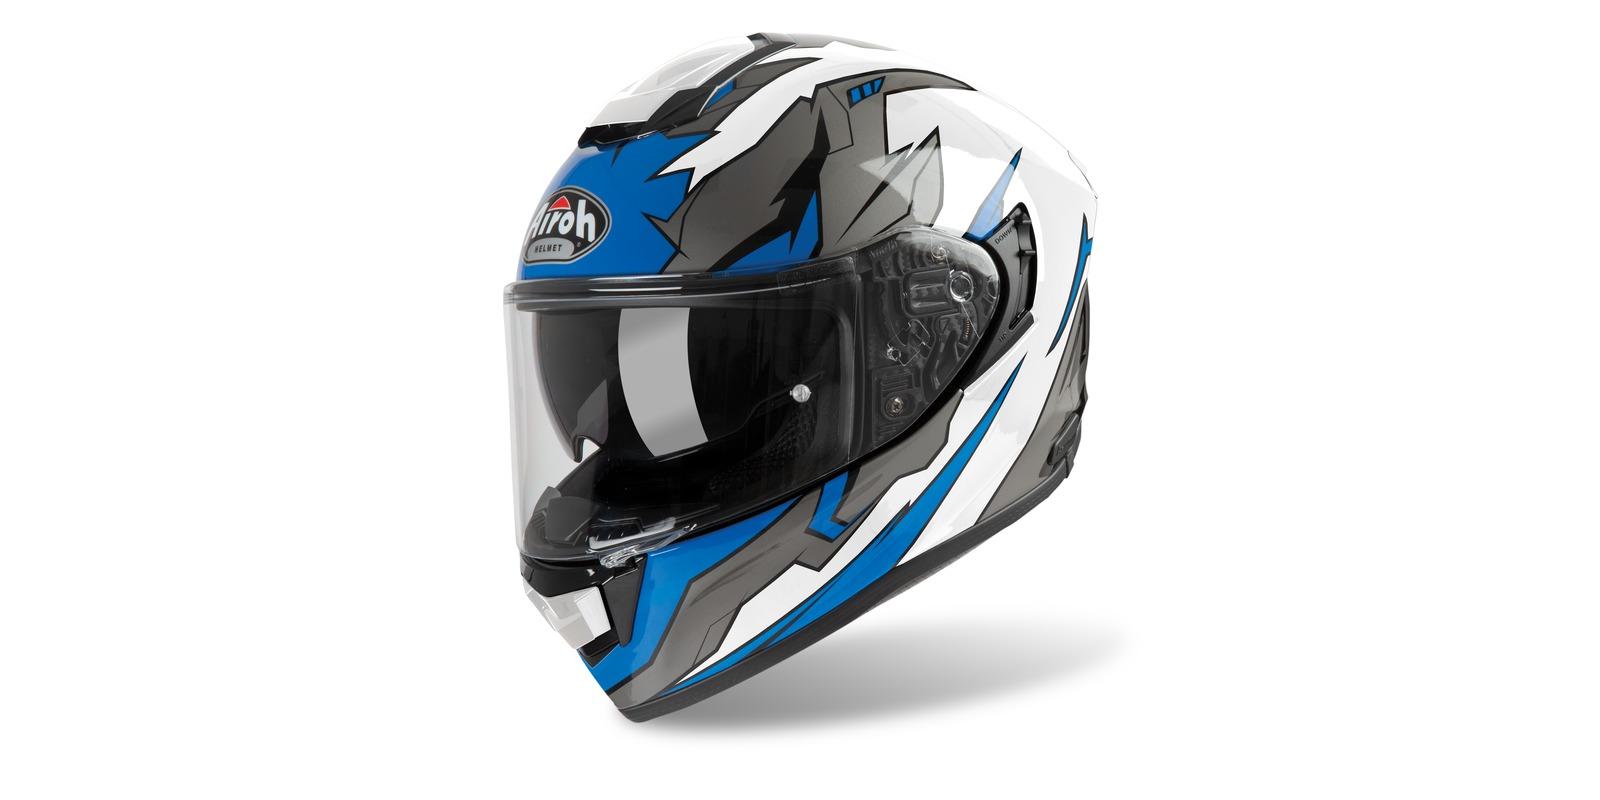 přilba ST 501 BIONIC, AIROH (bílá/modrá)